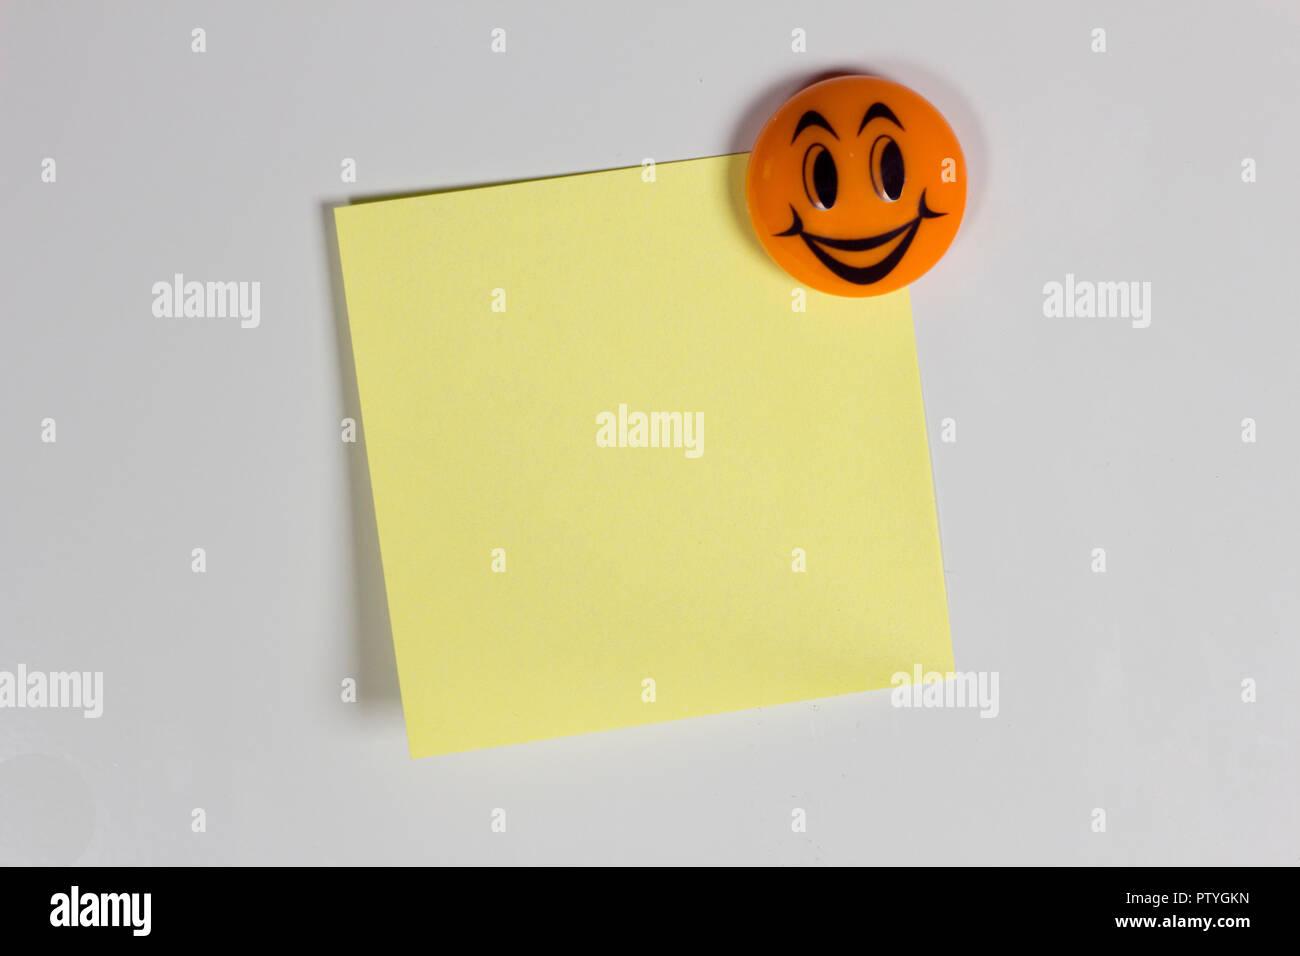 Kühlschrank Aufkleber : Gelb leer aufkleber auf dem kühlschrank mit einem fröhlichen